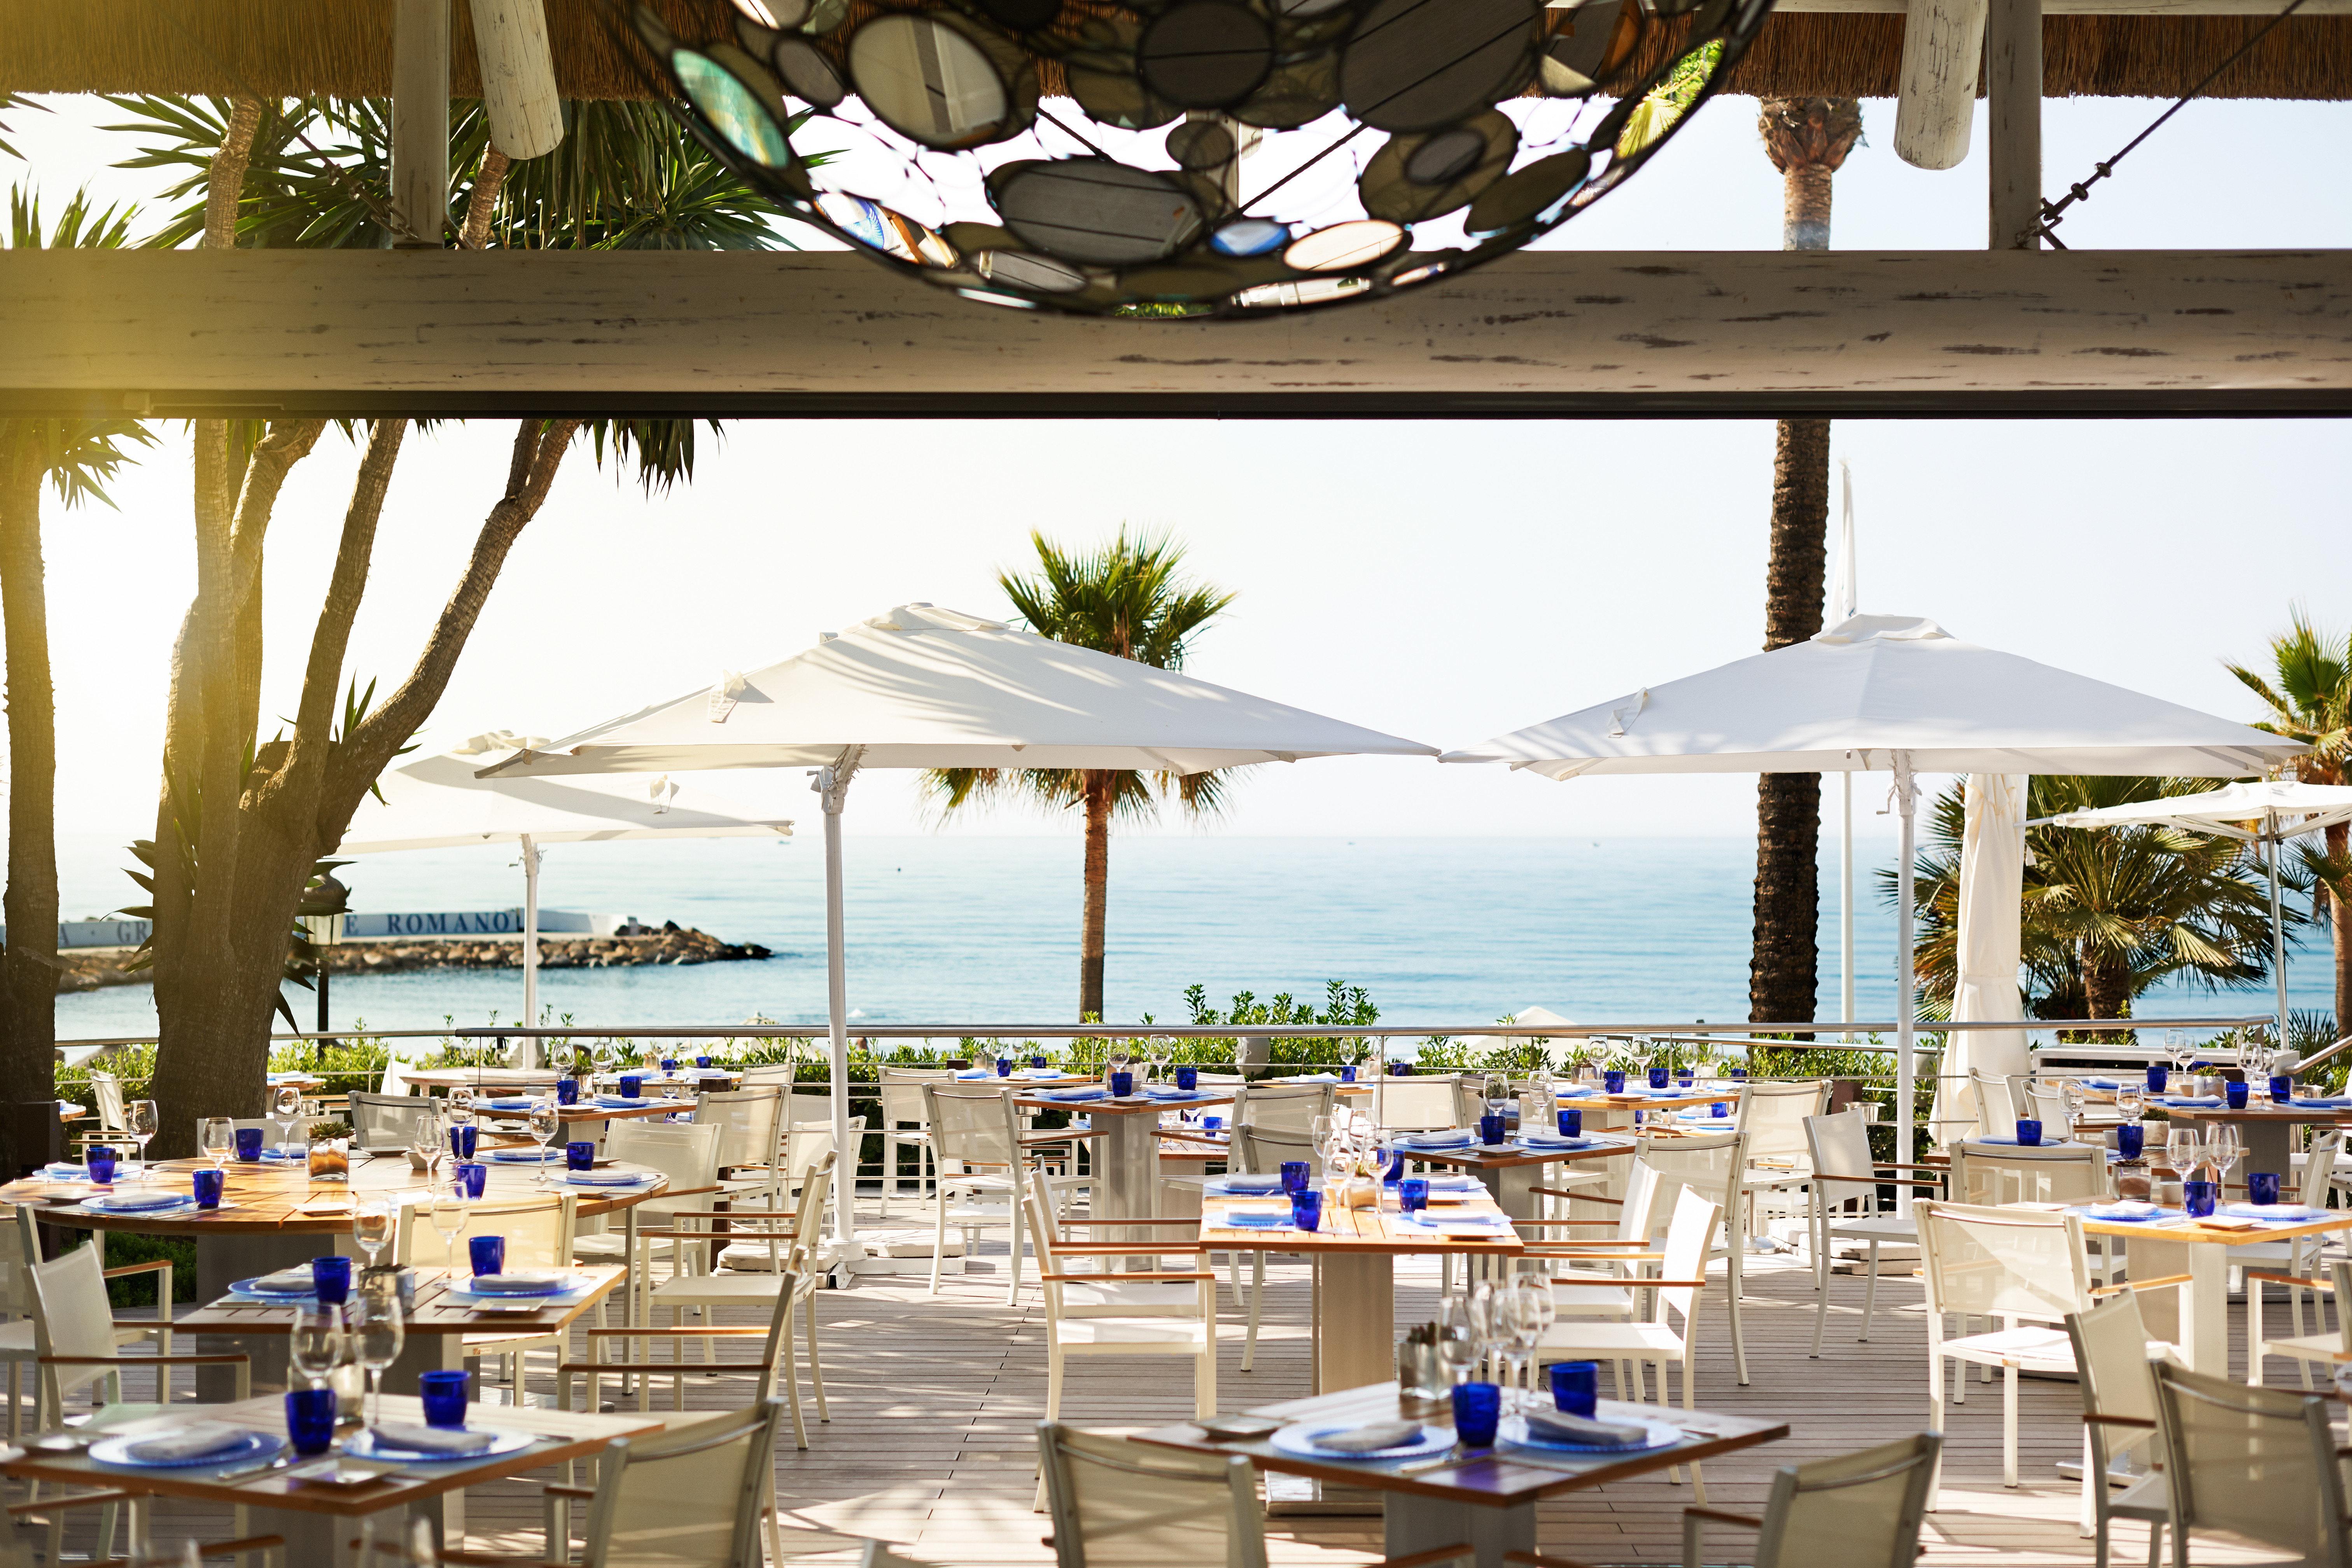 Bar Dining Drink Eat Hip Luxury Modern leisure Resort restaurant wedding